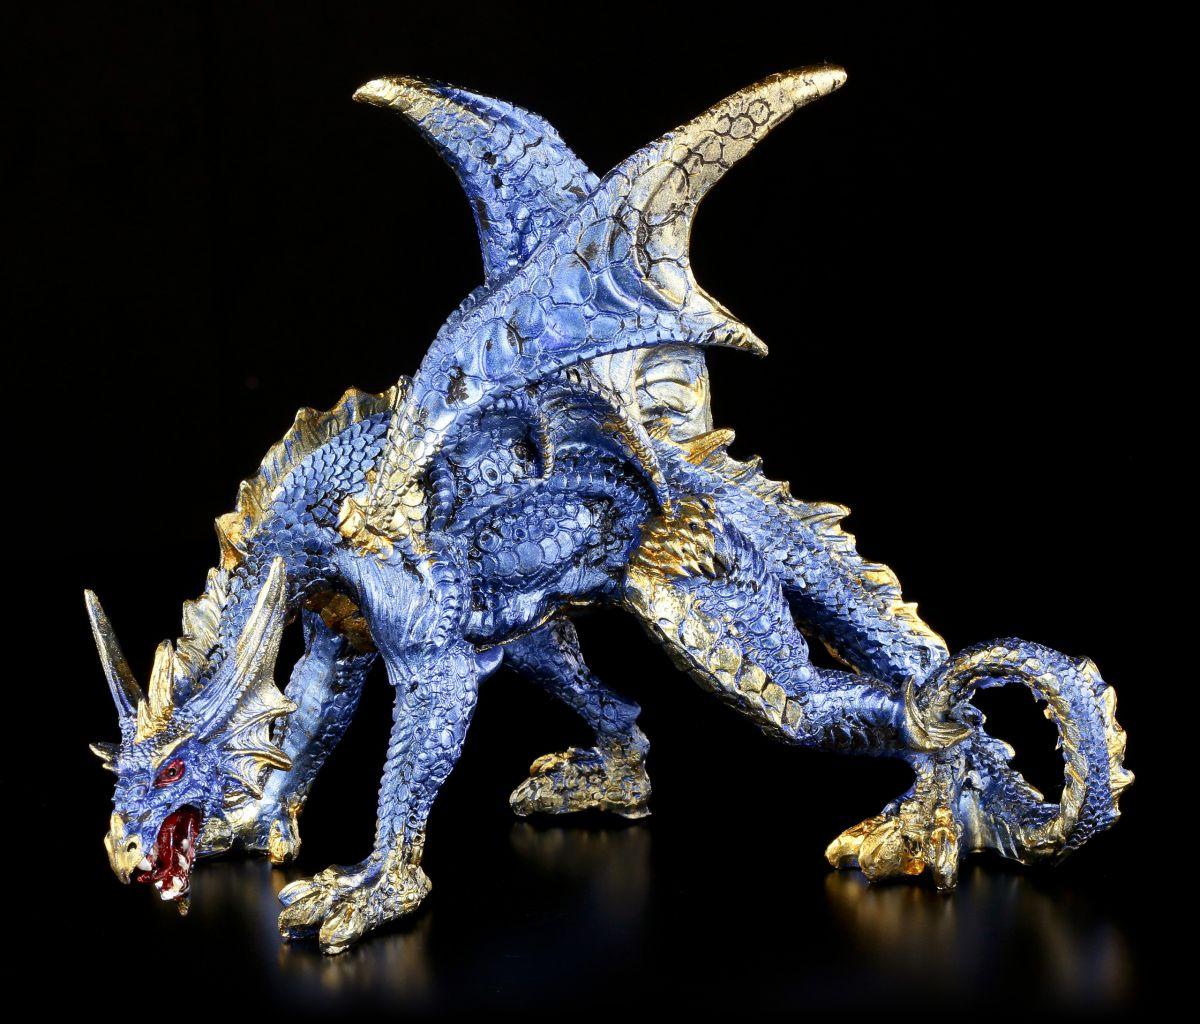 Drachen figur blau cobalt fantasy statue deko ebay for Drachen dekoration